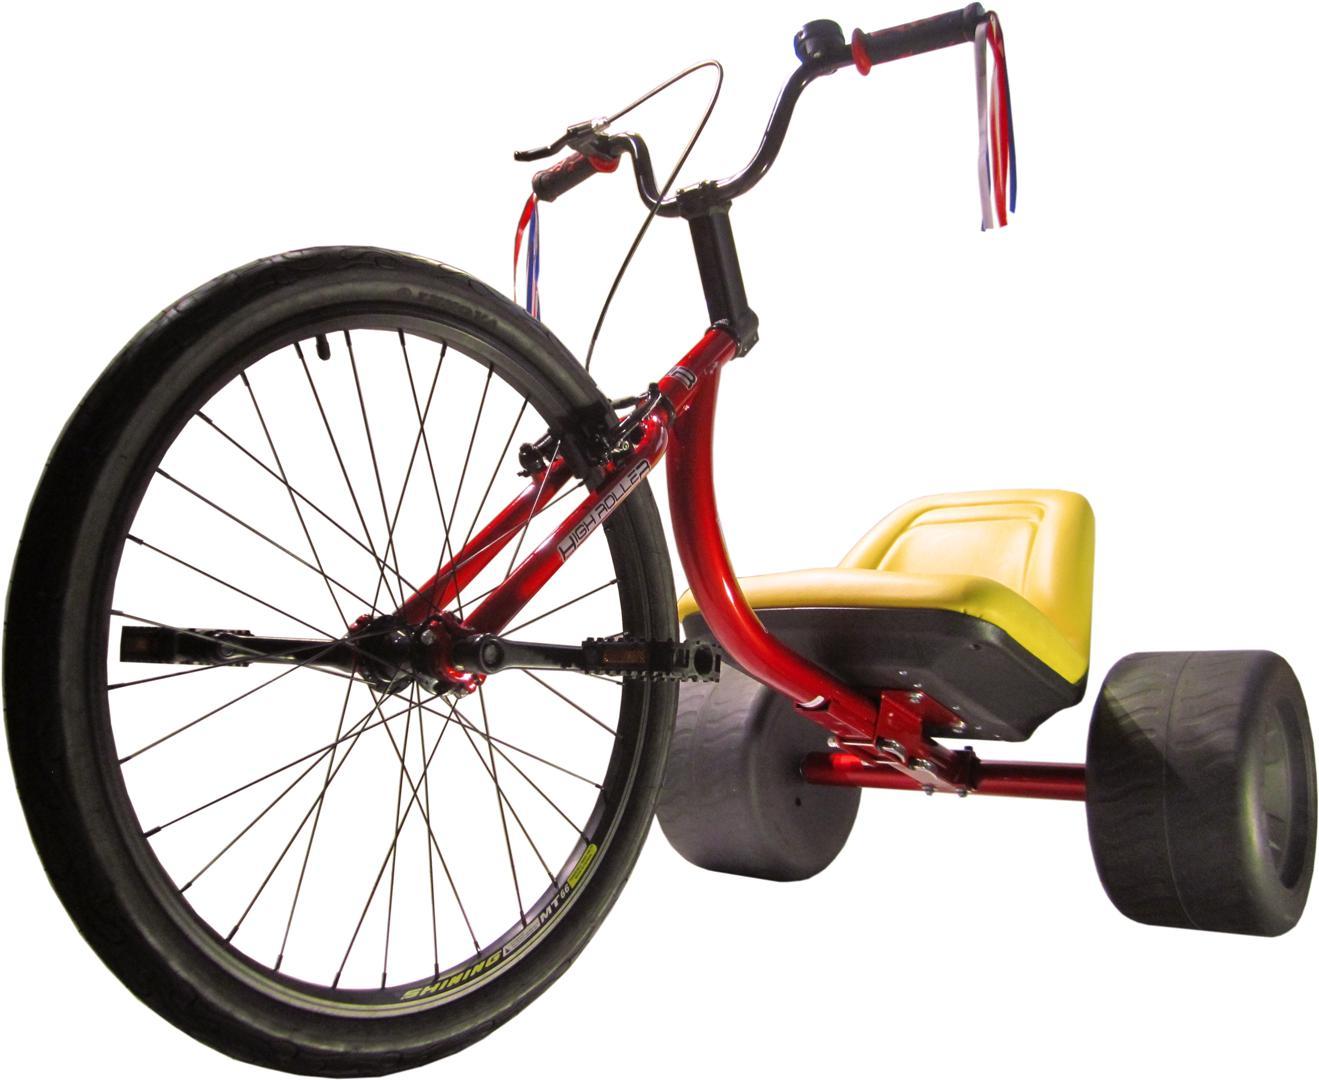 High Roller Adult Size big wheel Mark 1, Serial Number 0001